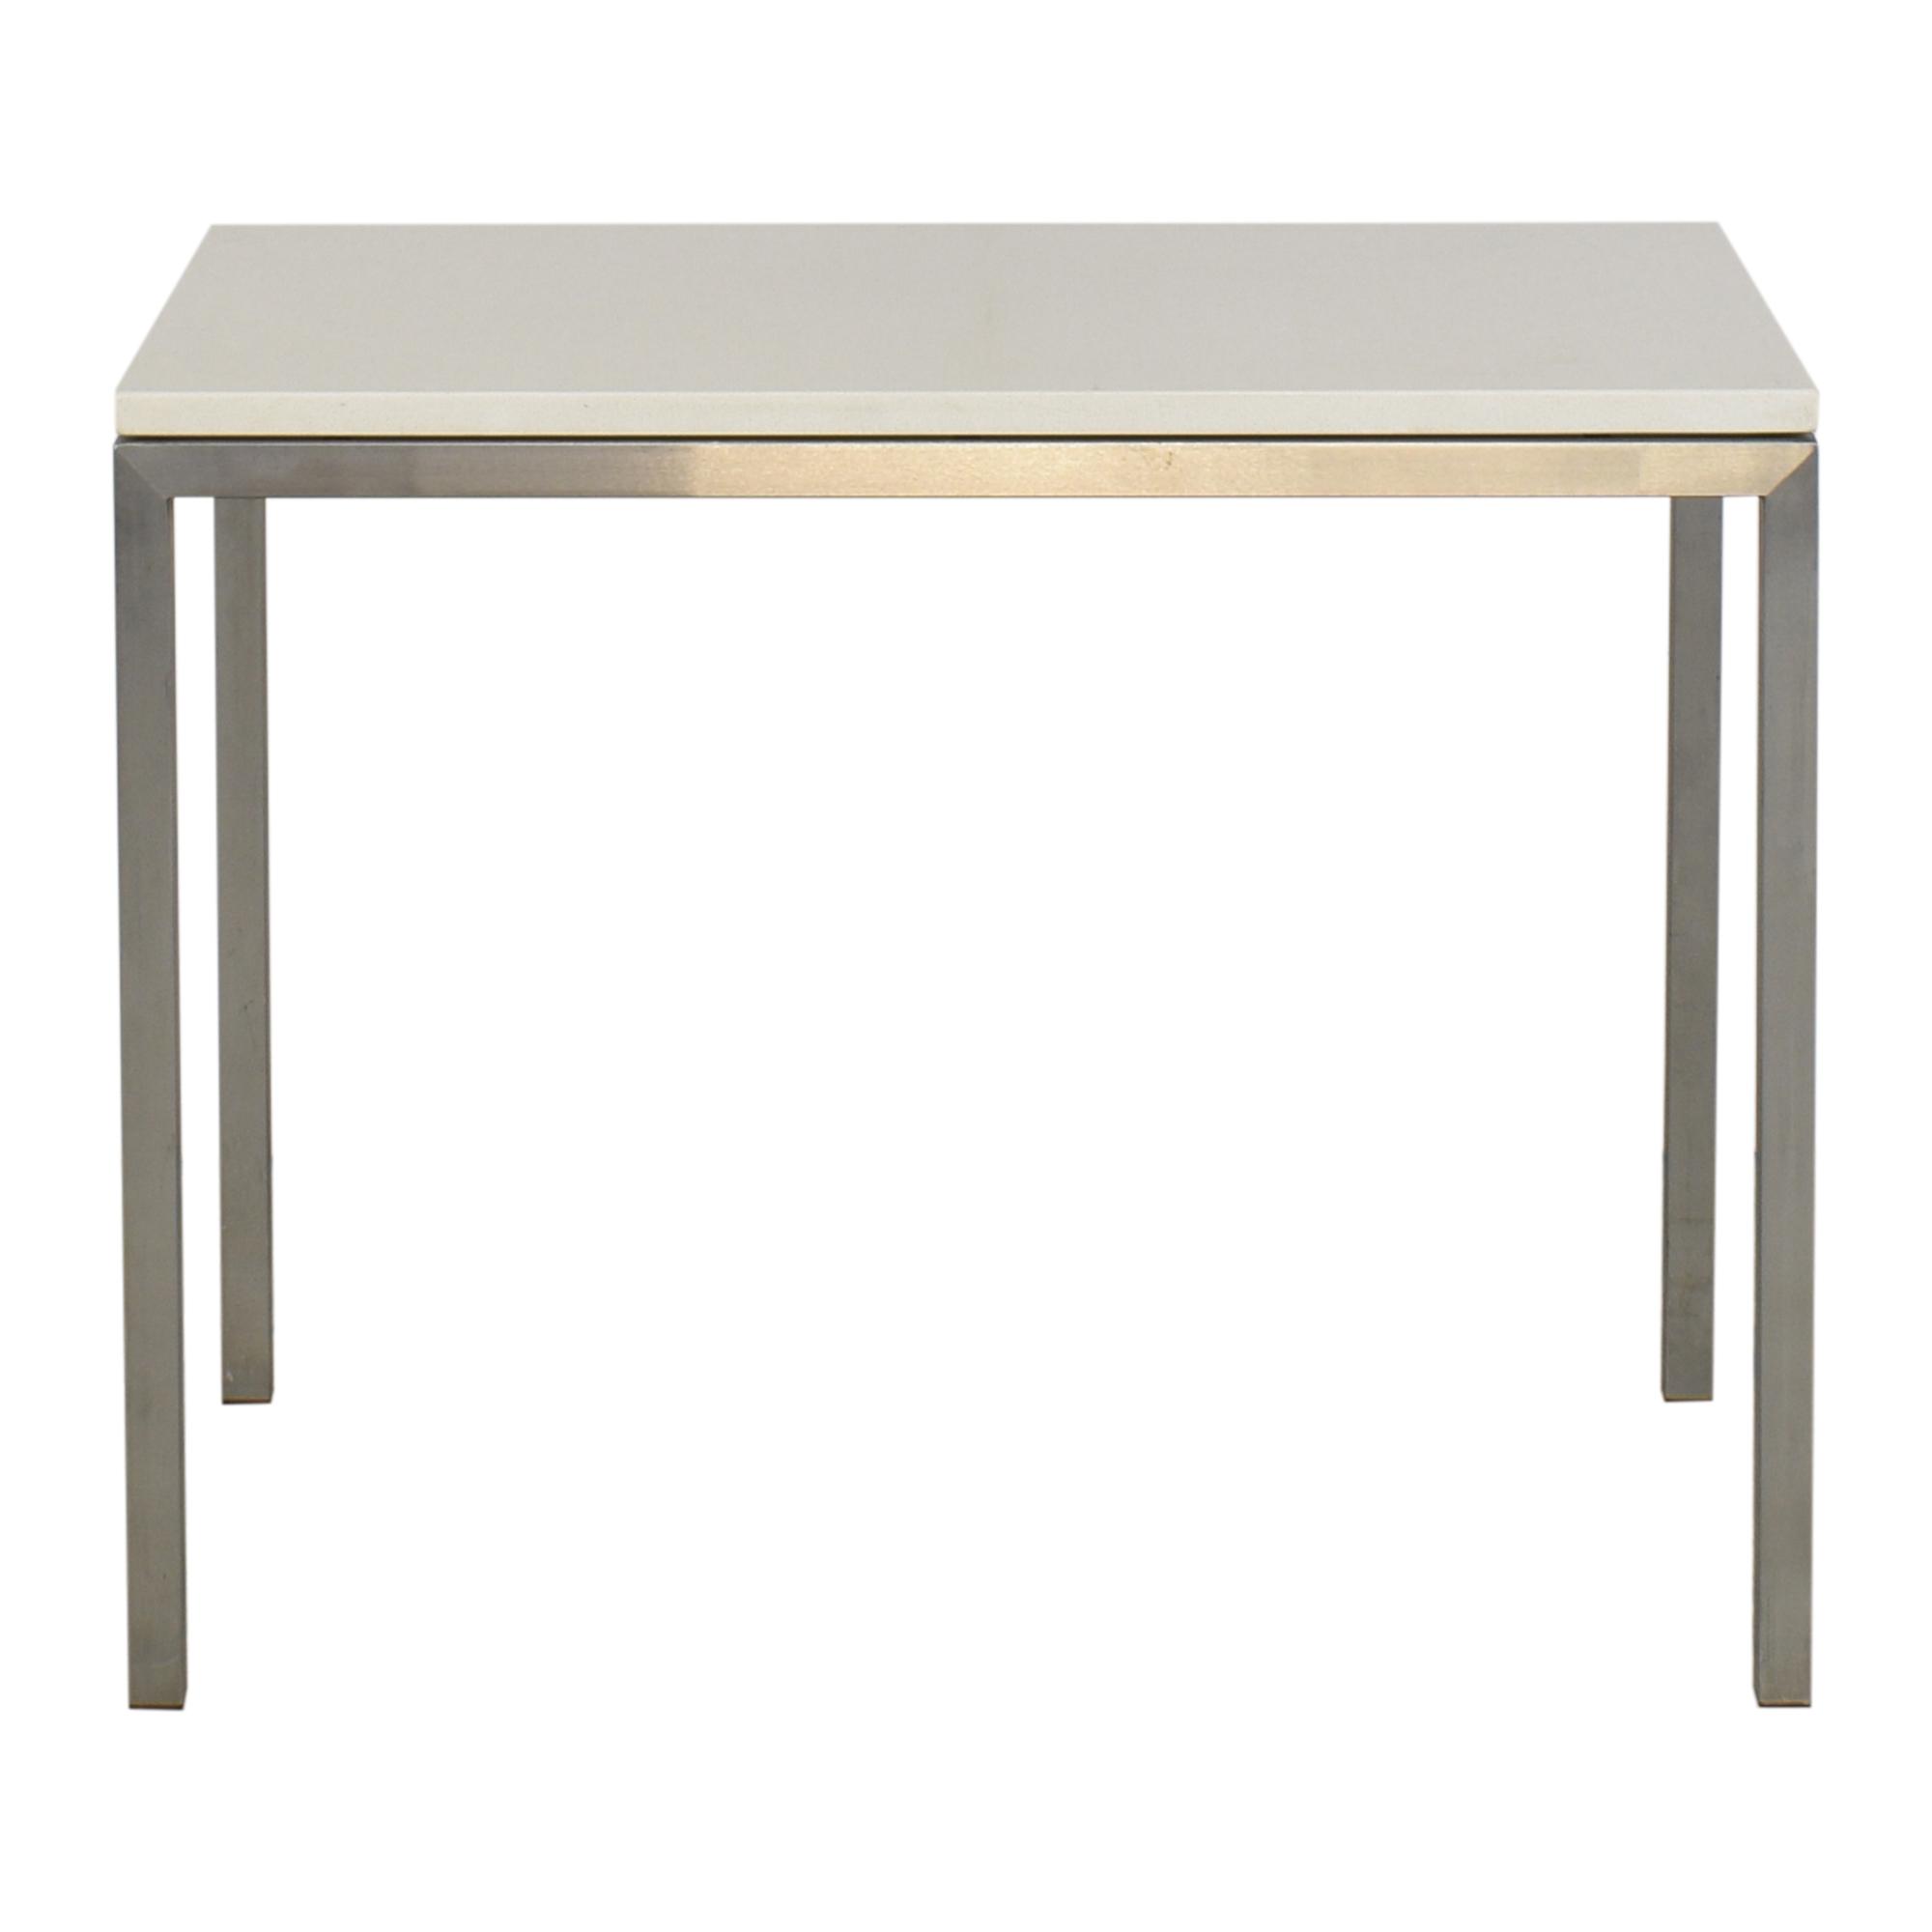 shop Room & Board Room & Board Portica Table online